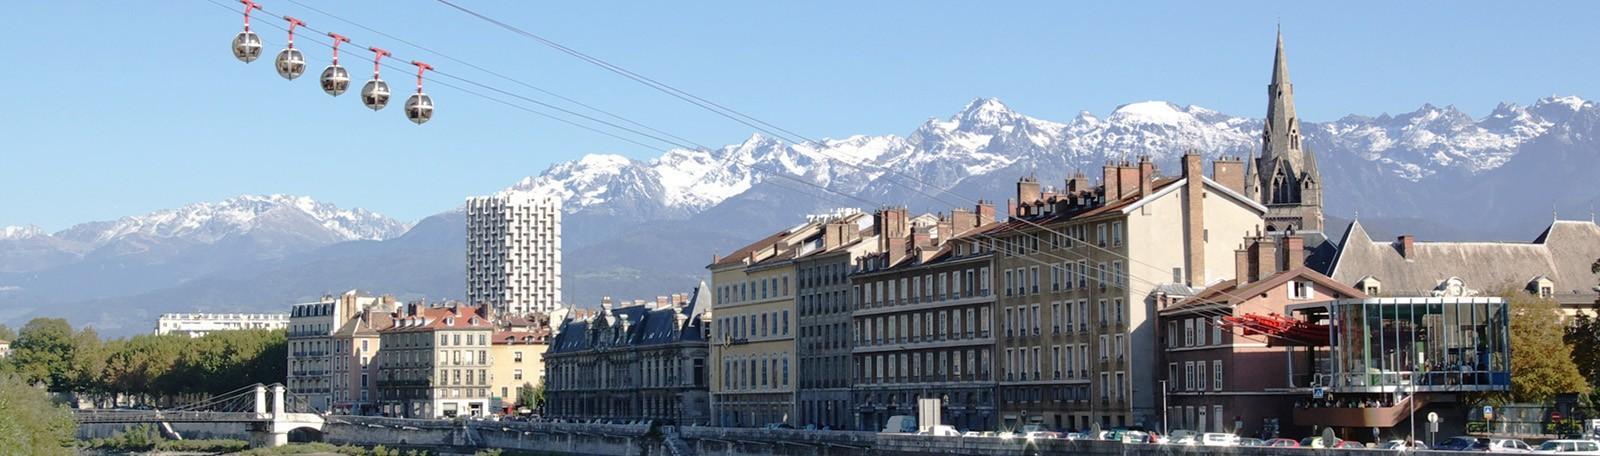 Réservation parking Chavant Grenoble